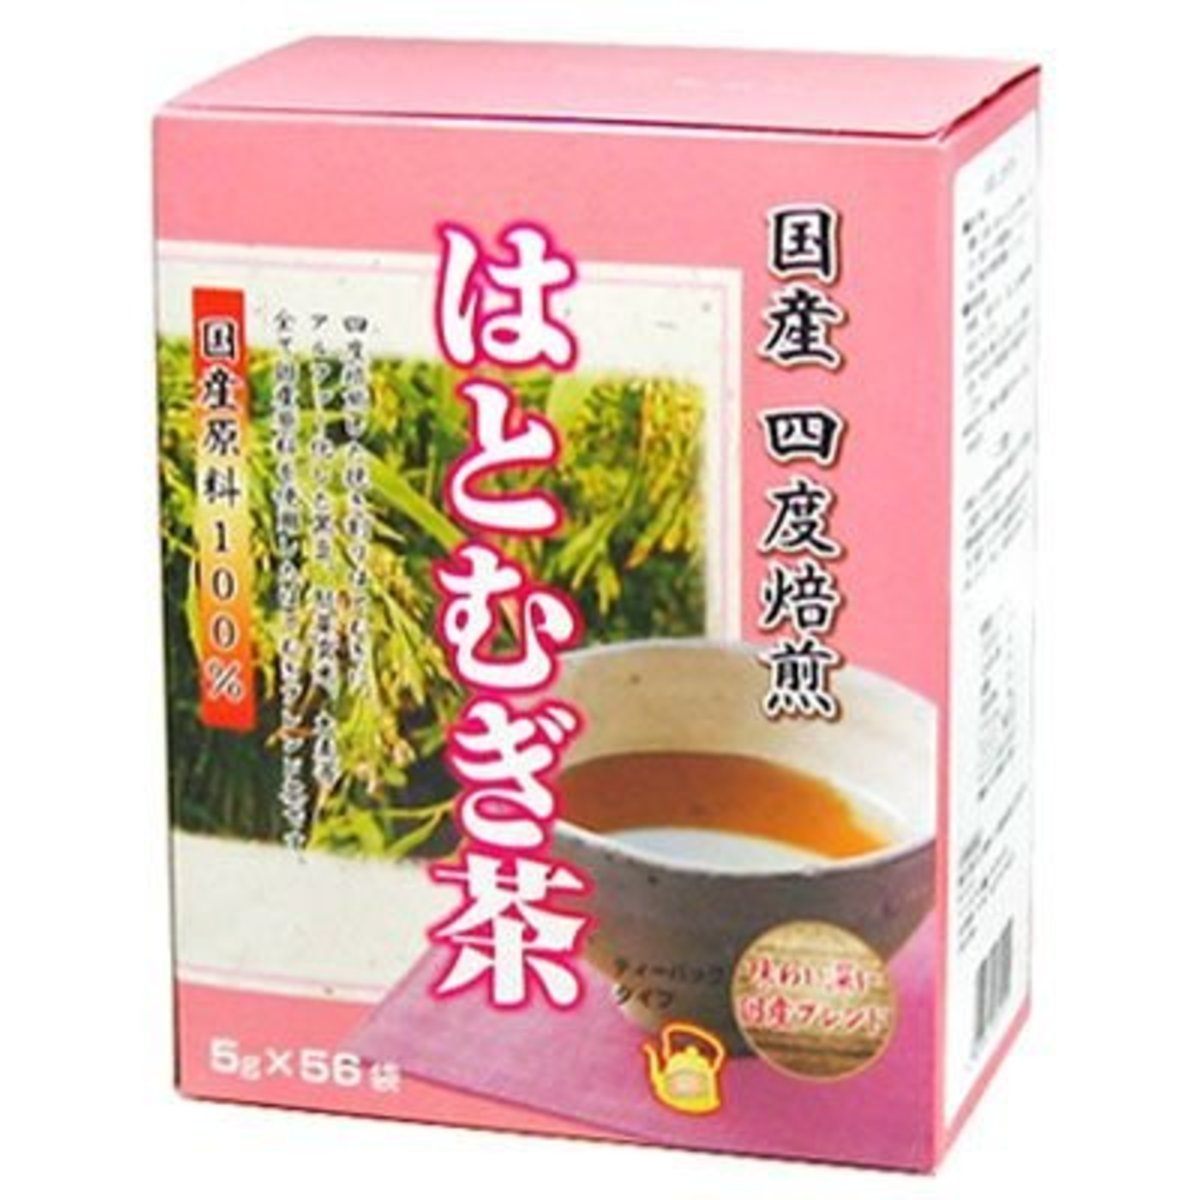 日本國產薏苡茶(56包)(131115)